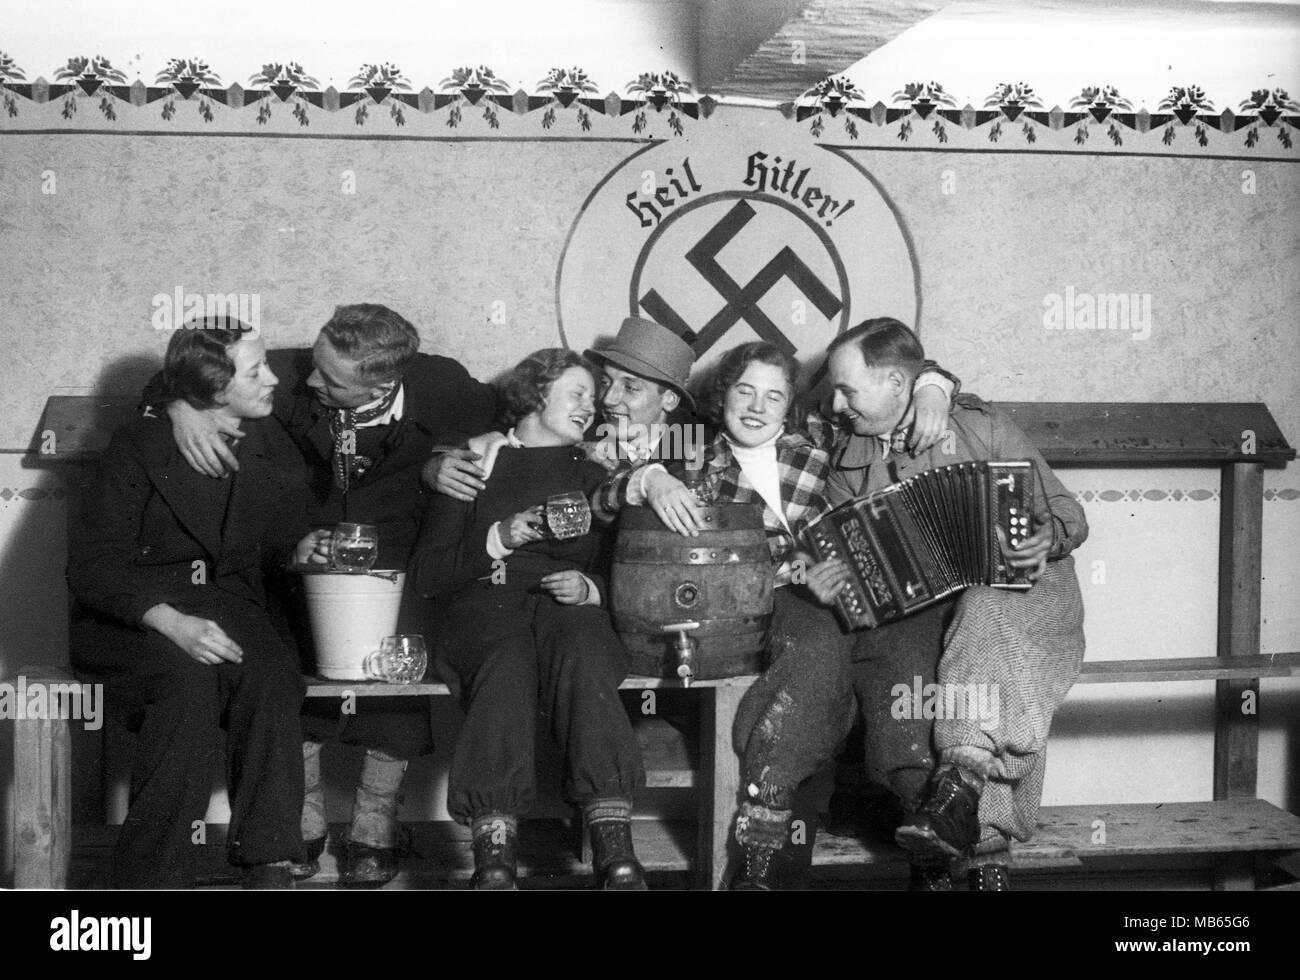 Gruppe Von Jungen Deutschen Trinken Bier Unter Heil Hitler Das